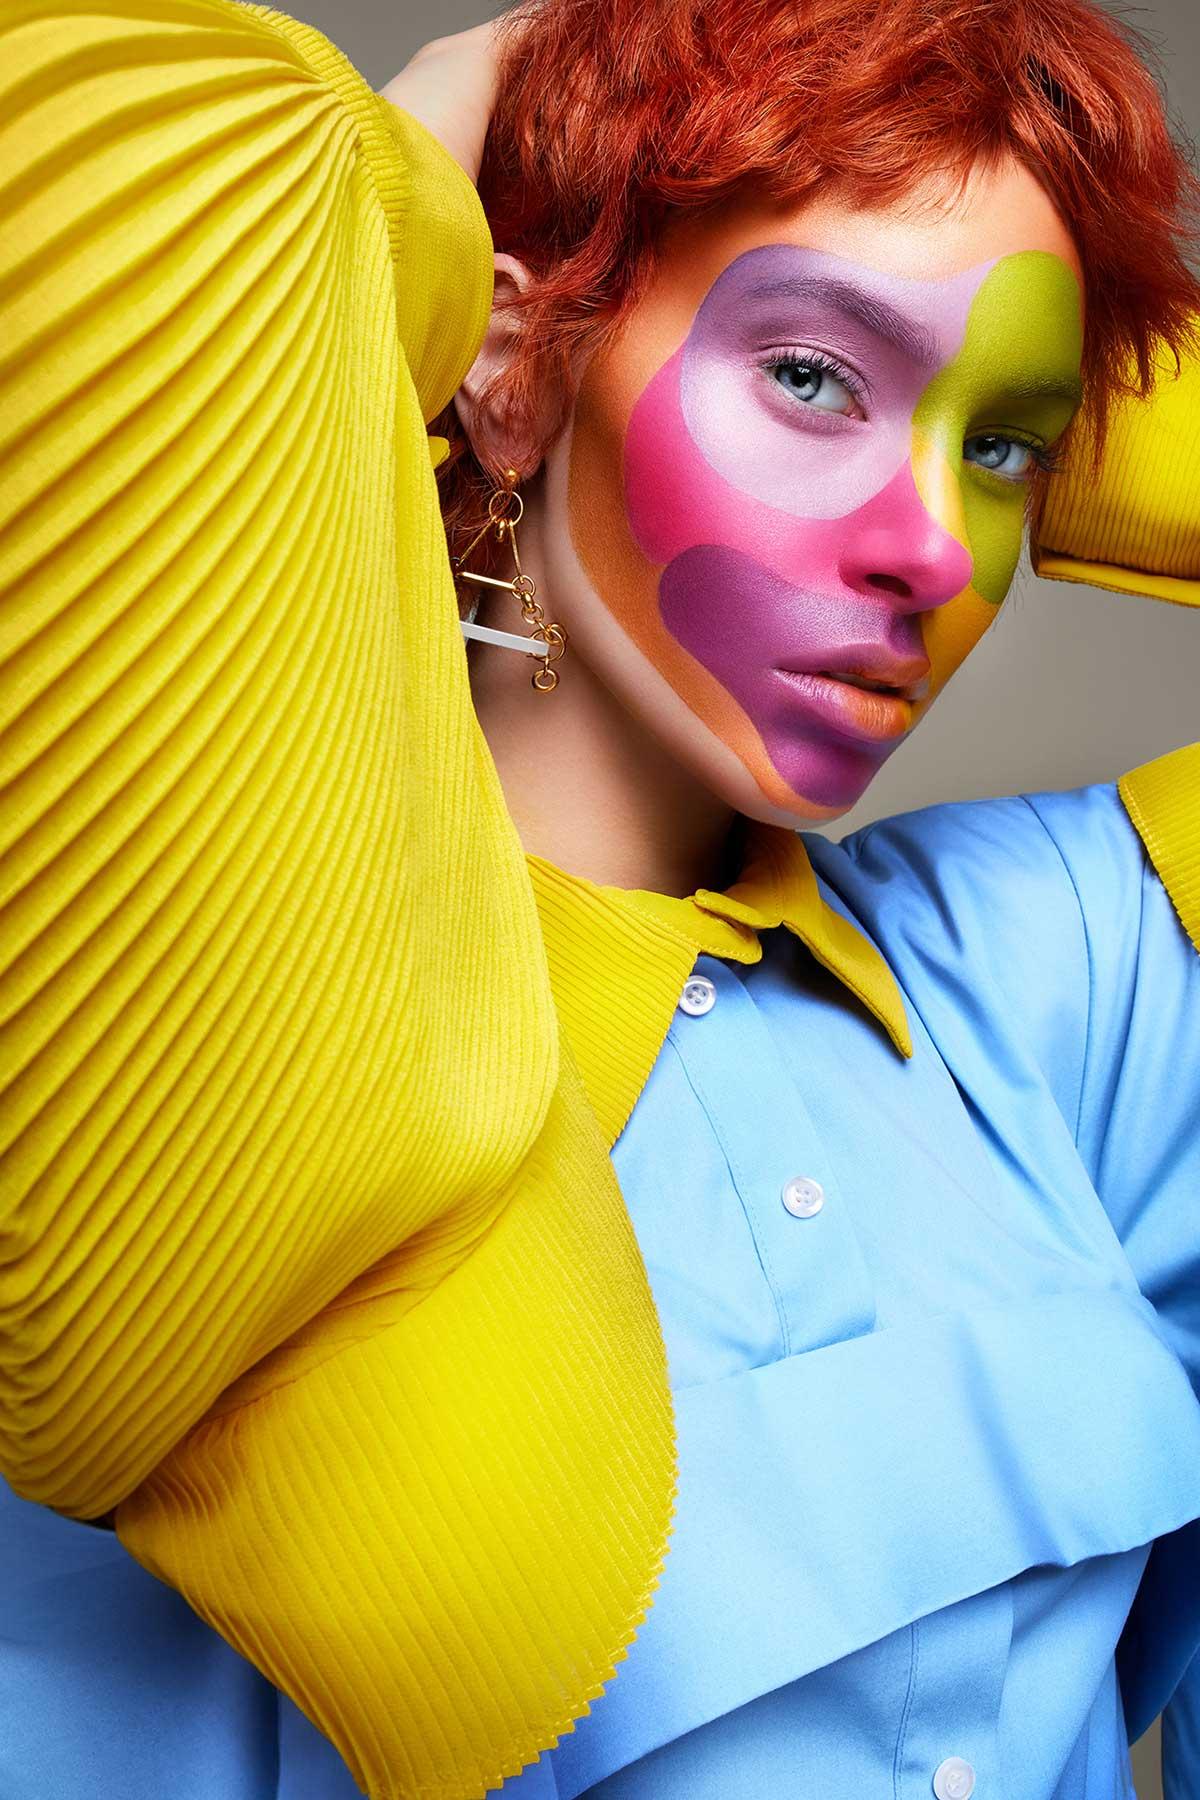 Retrato de mujer con maquillaje multicolor posa frente a la cámara.